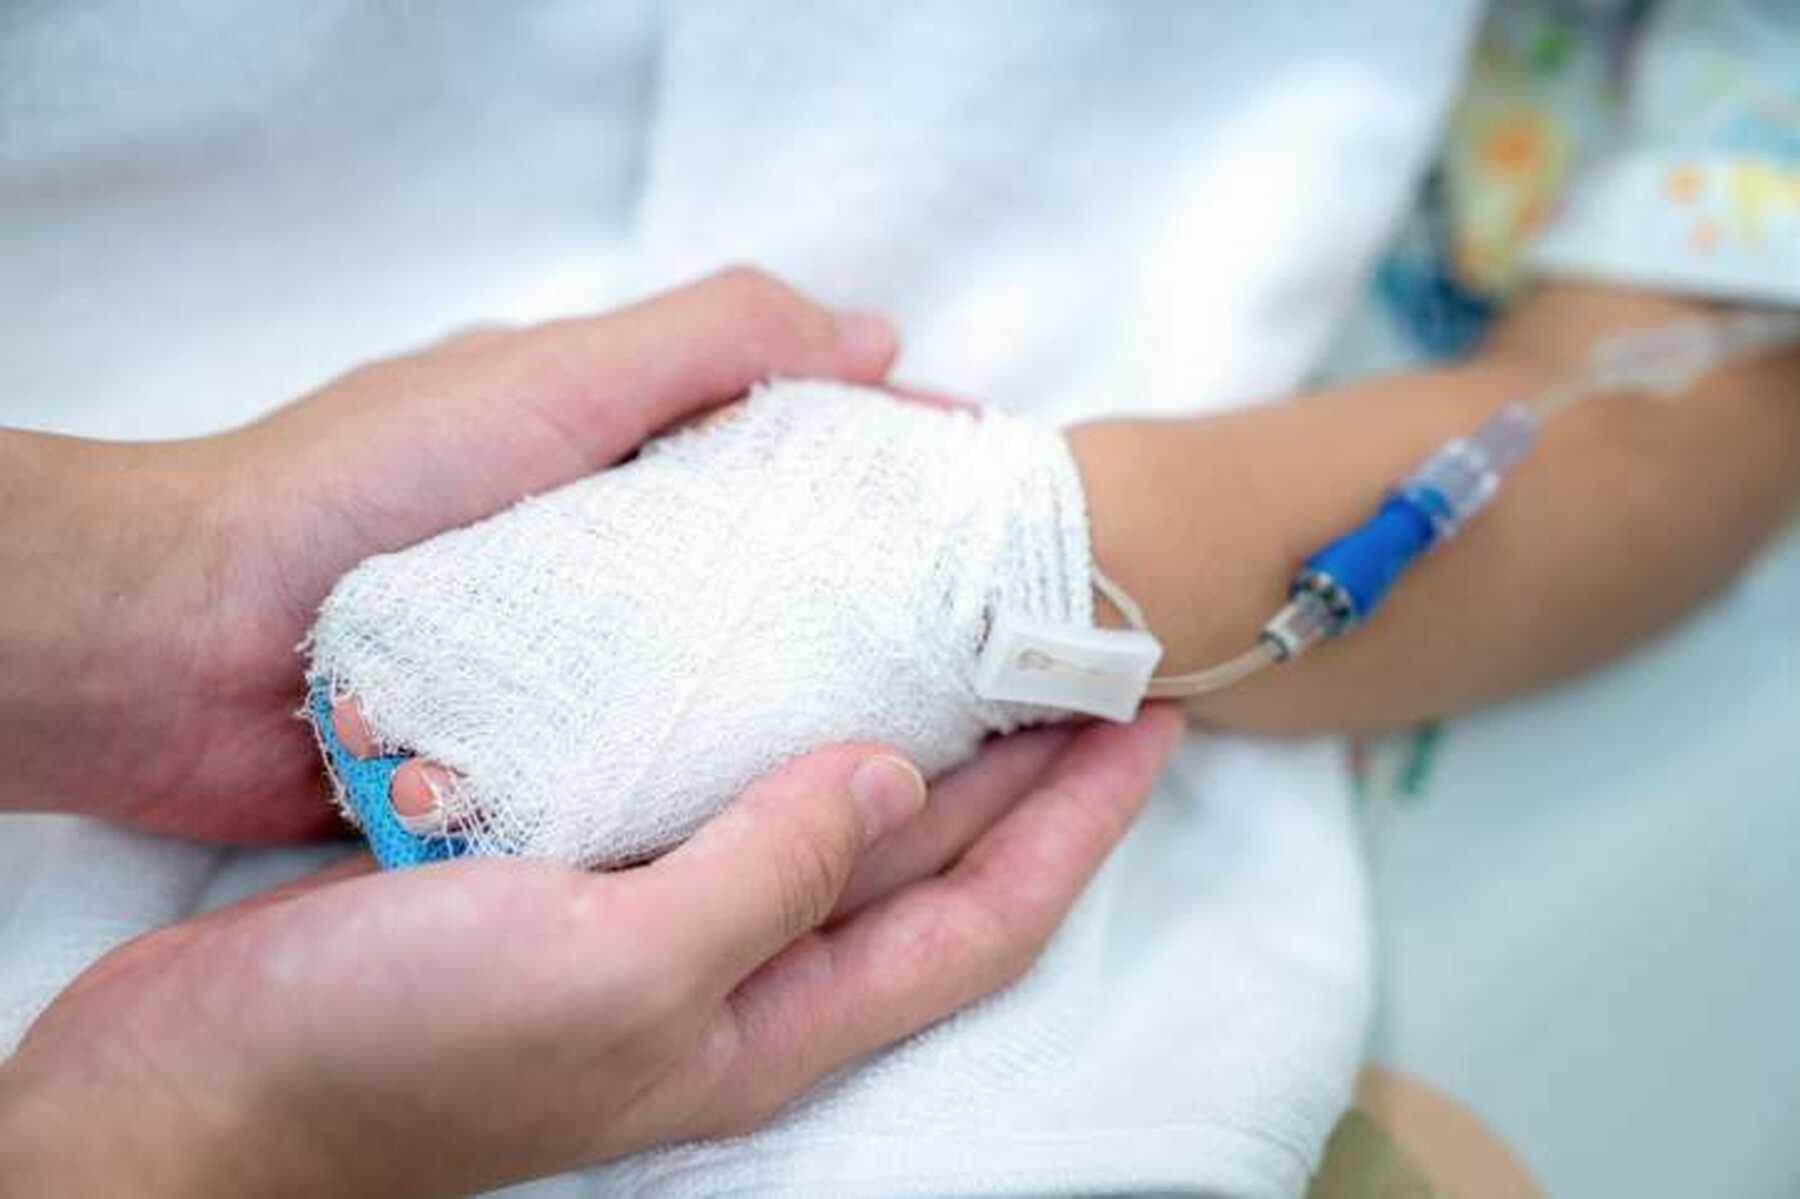 Europese groepsaankopen moeten strijd tegen zeldzame kankers bij kinderen versterken